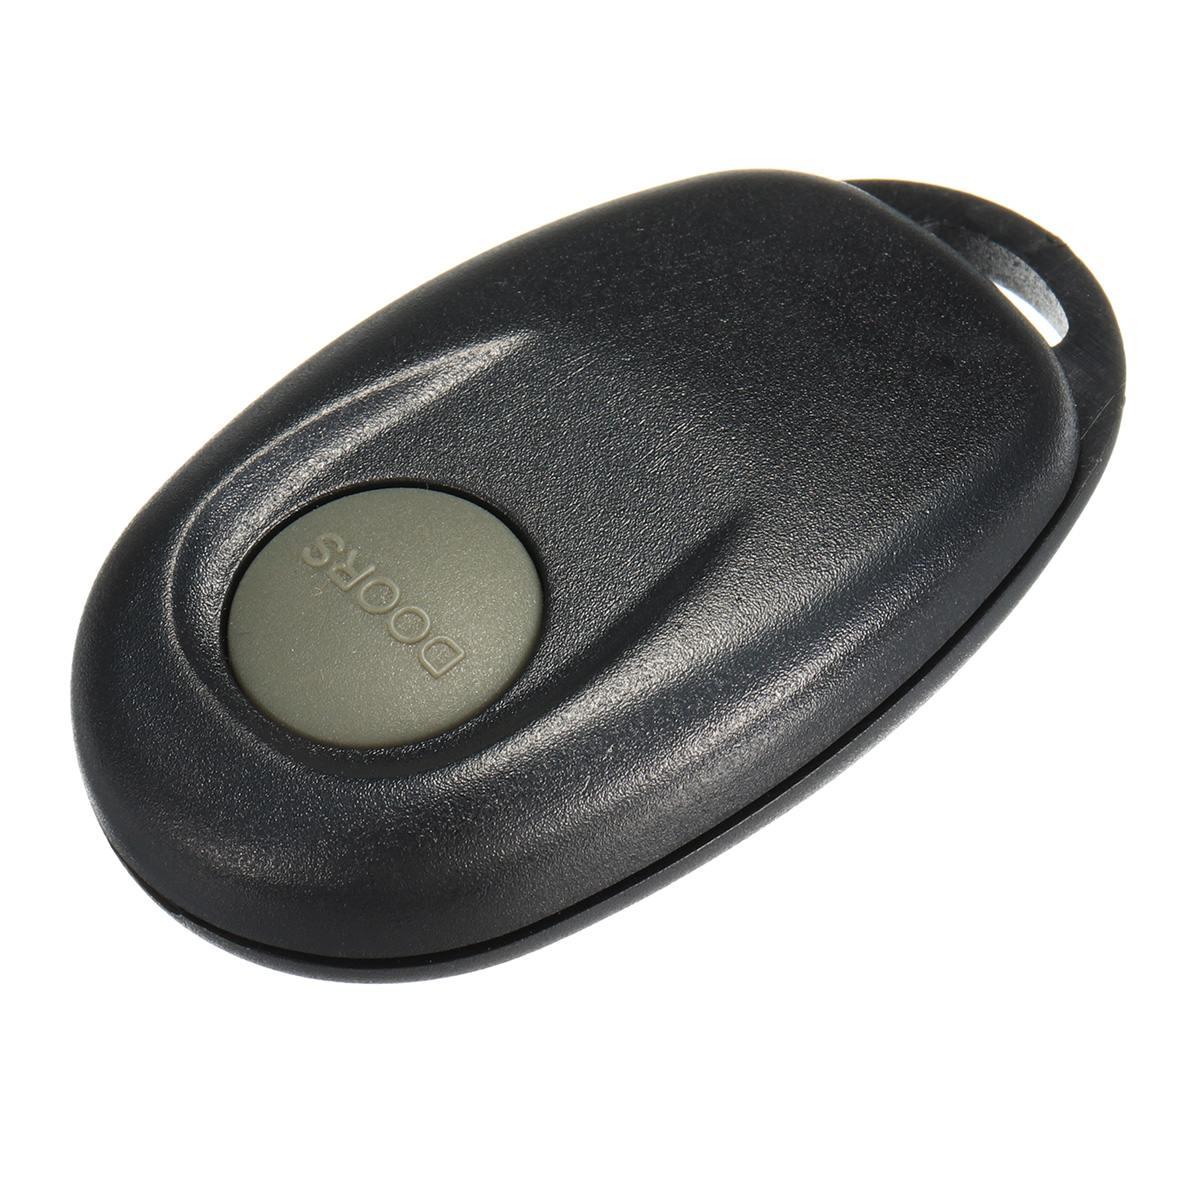 1 Taste Auto Fernbedienung Abdeckung Fall Shell Ersatz Für Toyota Camry Avalon 2000-2004 Reichhaltiges Angebot Und Schnelle Lieferung